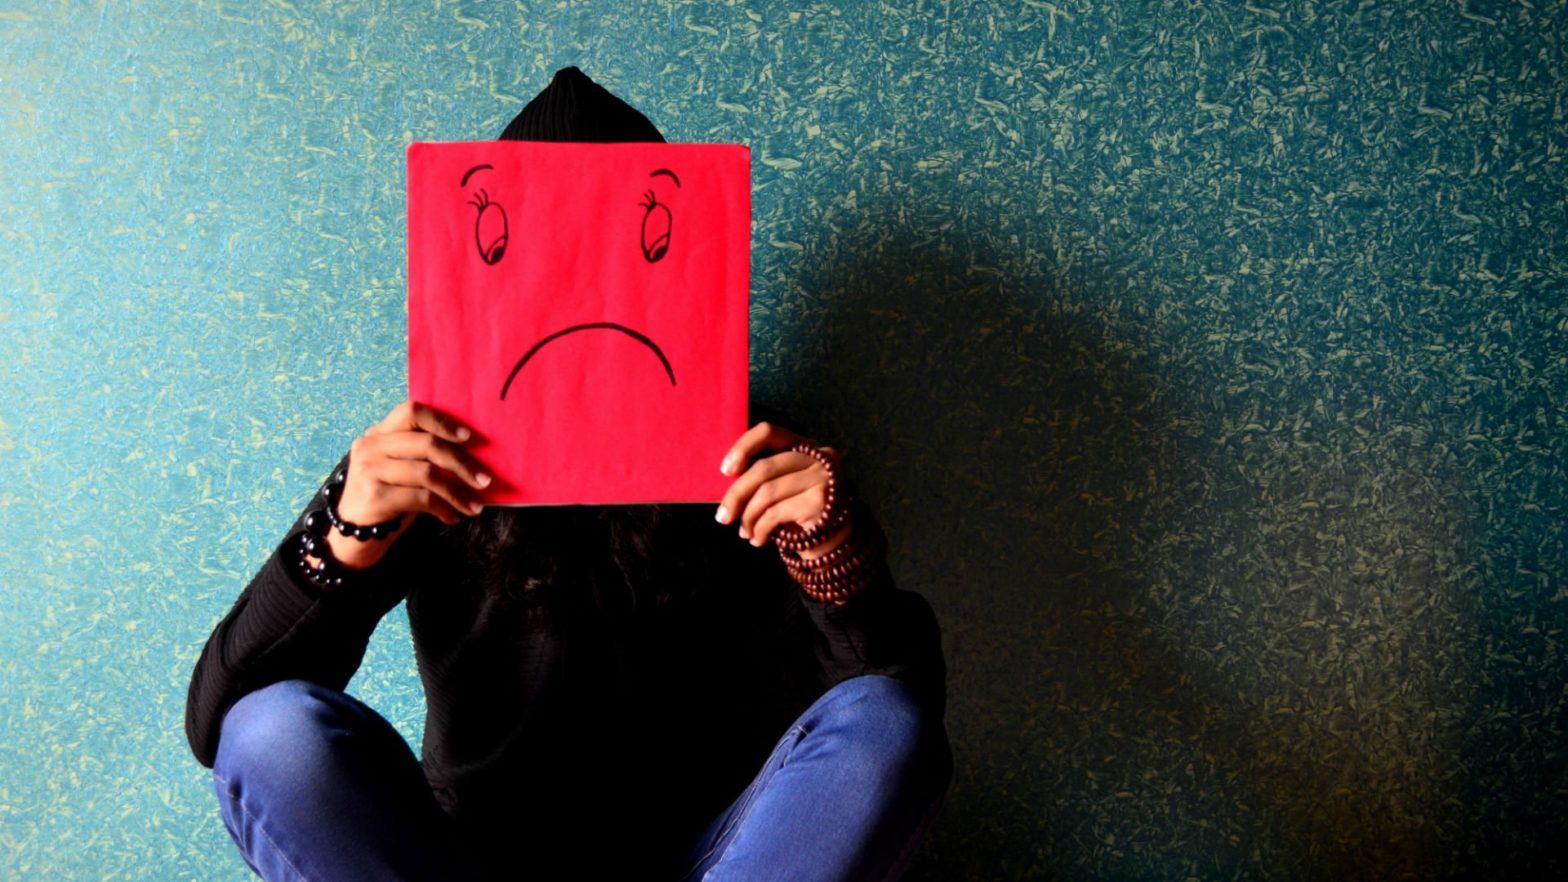 Homem sentado segurando um cartaz vermelho com desenho de expressão triste.